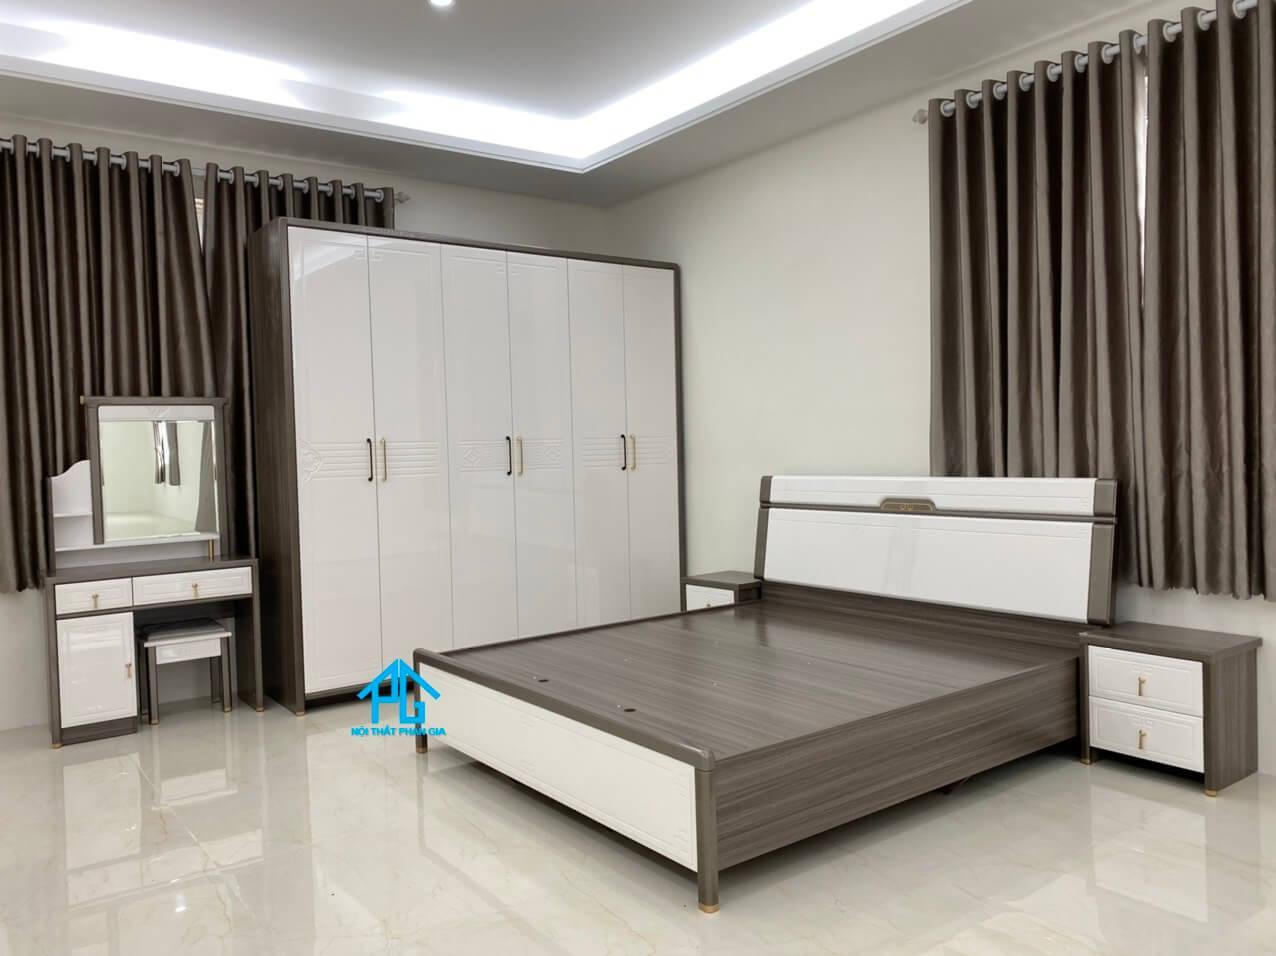 Hà Phát nội thất gỗ dành cho phòng ngủ Đức Trọng;